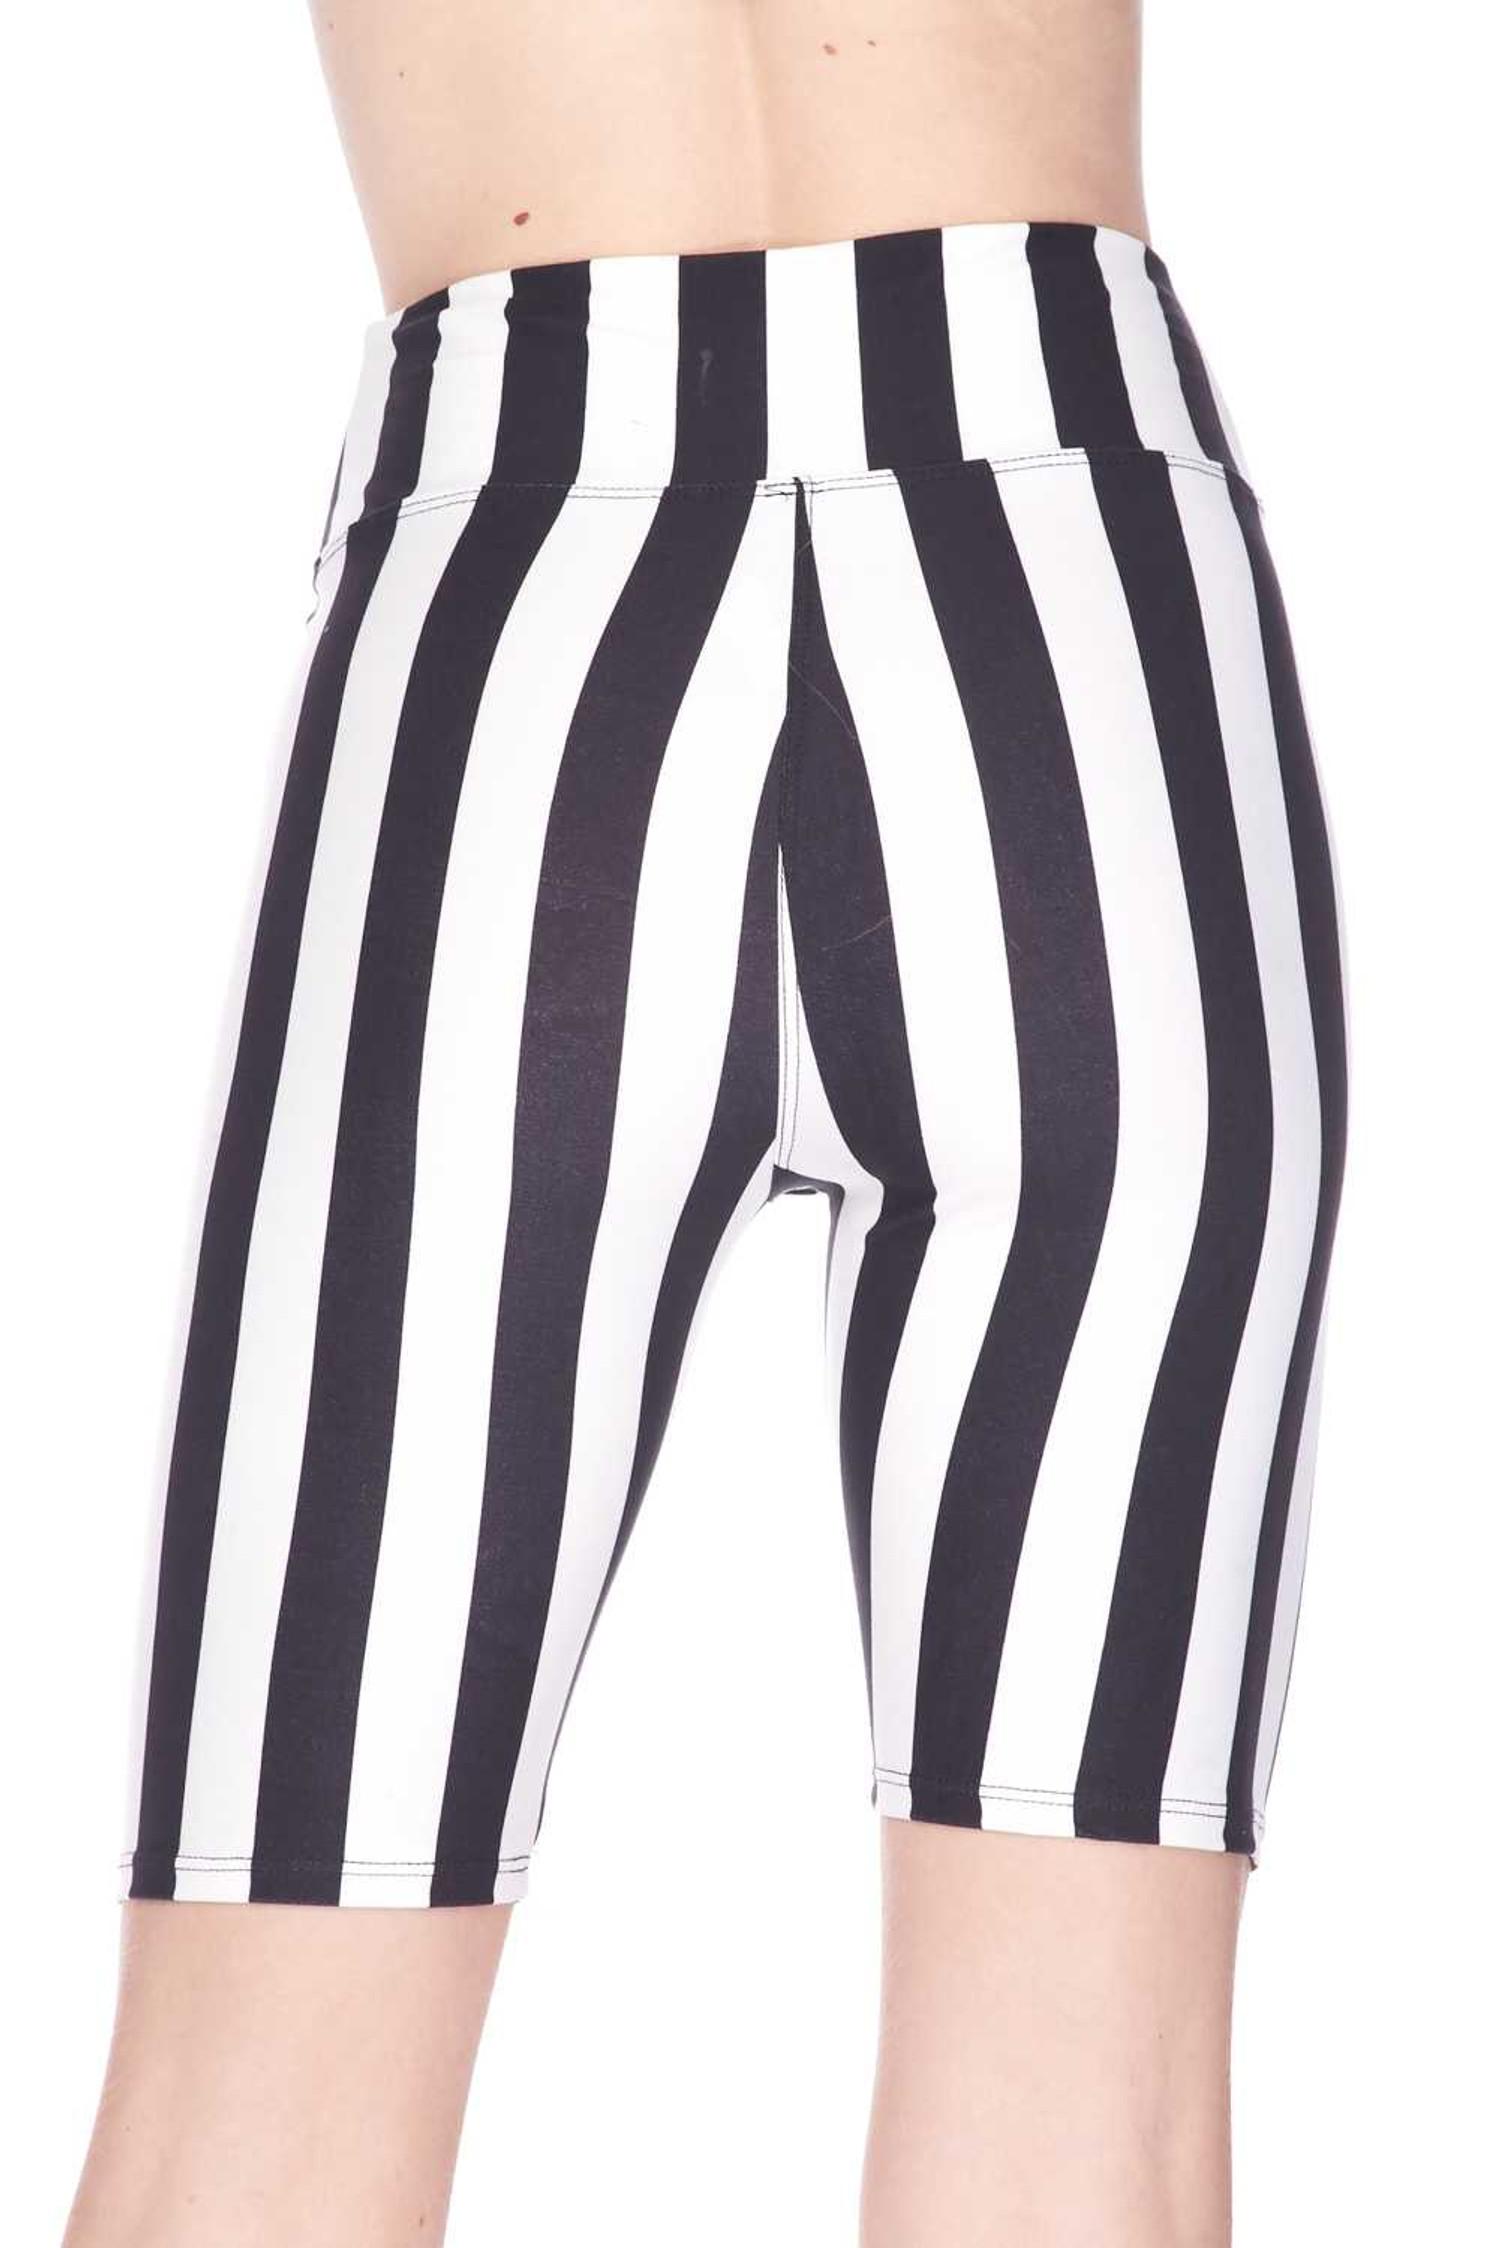 Buttery Soft Vertical Wide Stripe Biker Shorts - 3 Inch Waist Band